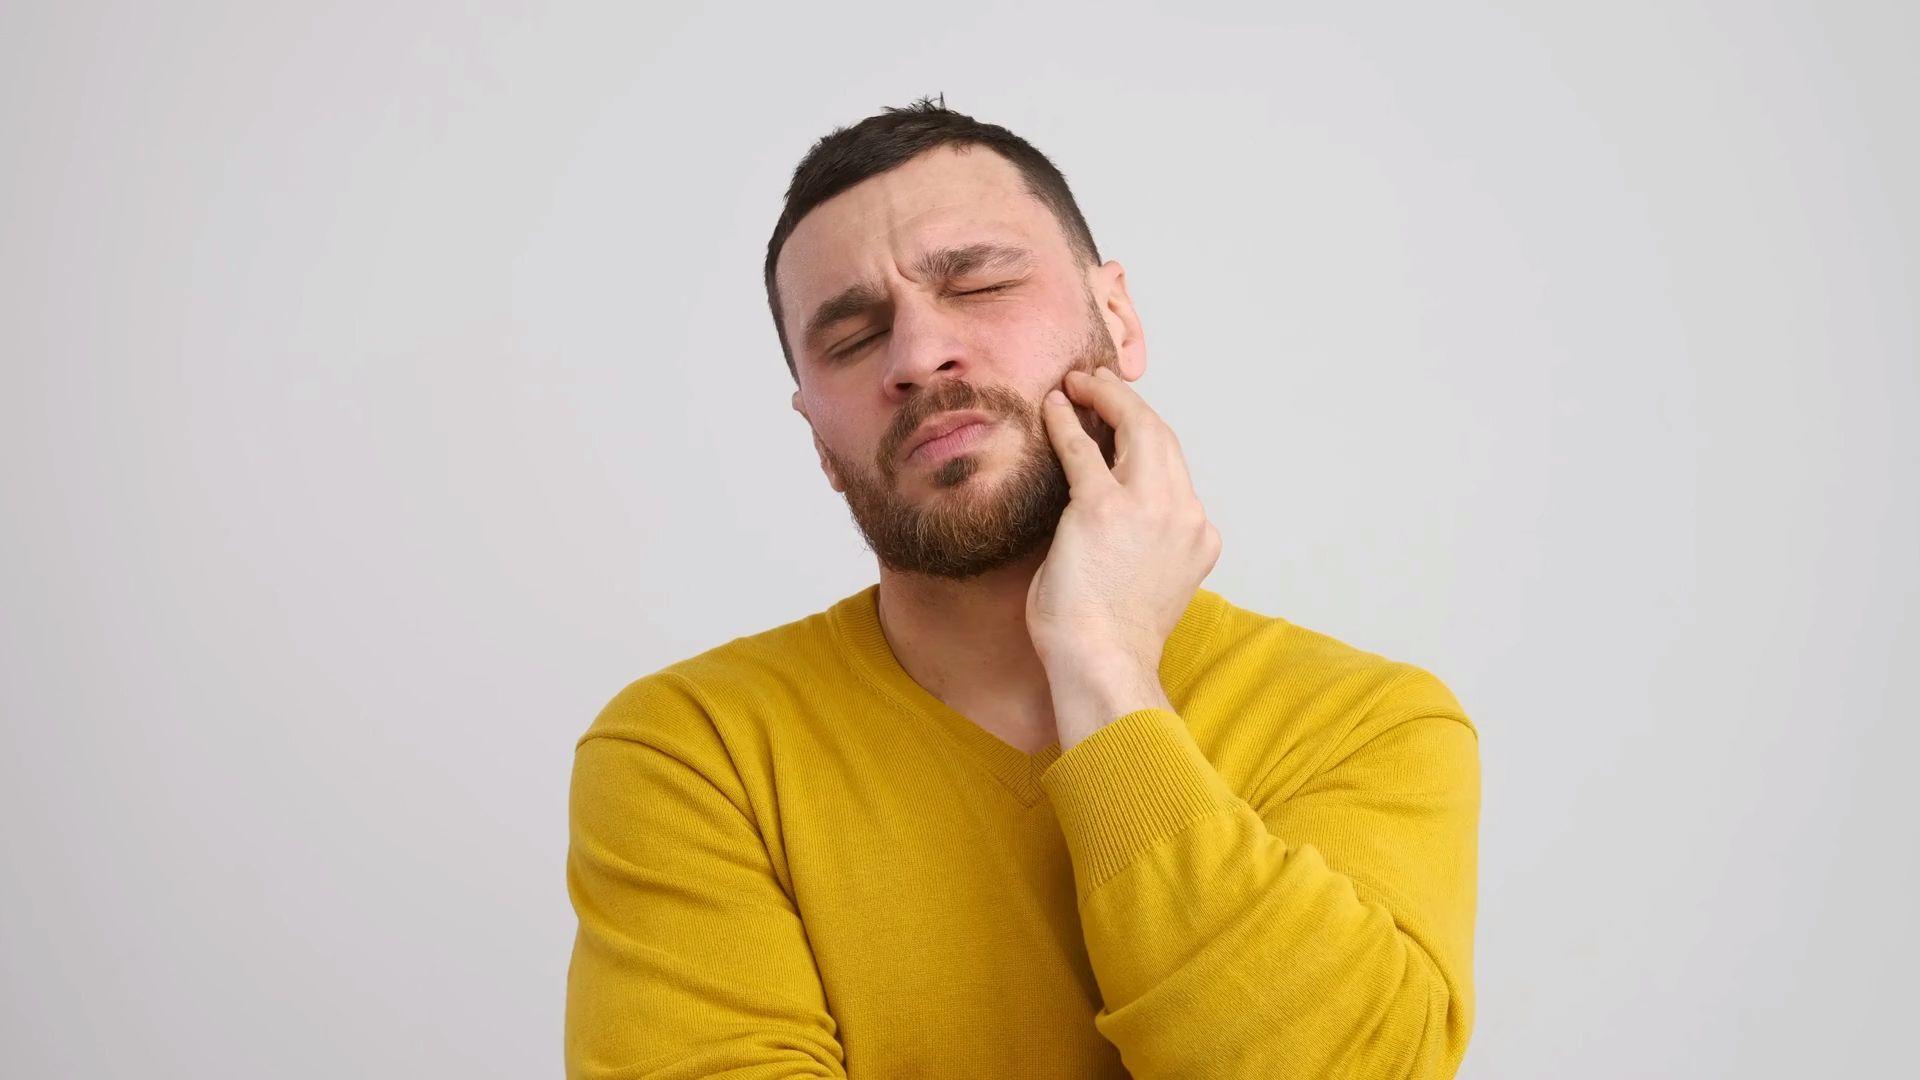 Fünf Tipps gegen Zähneknirschen